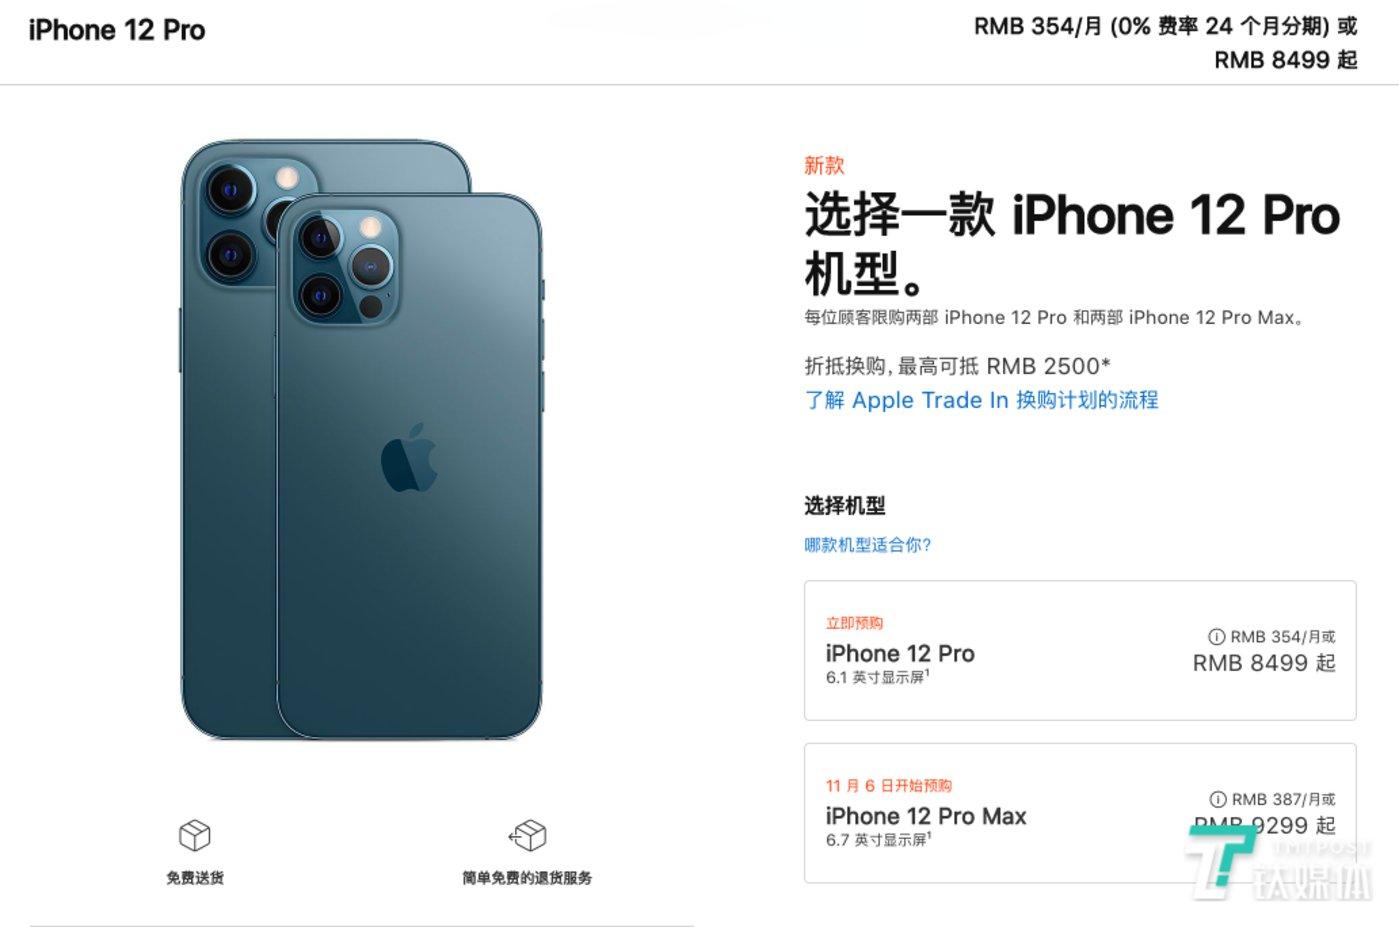 苹果官网上的新机预售信息(来源苹果官网)